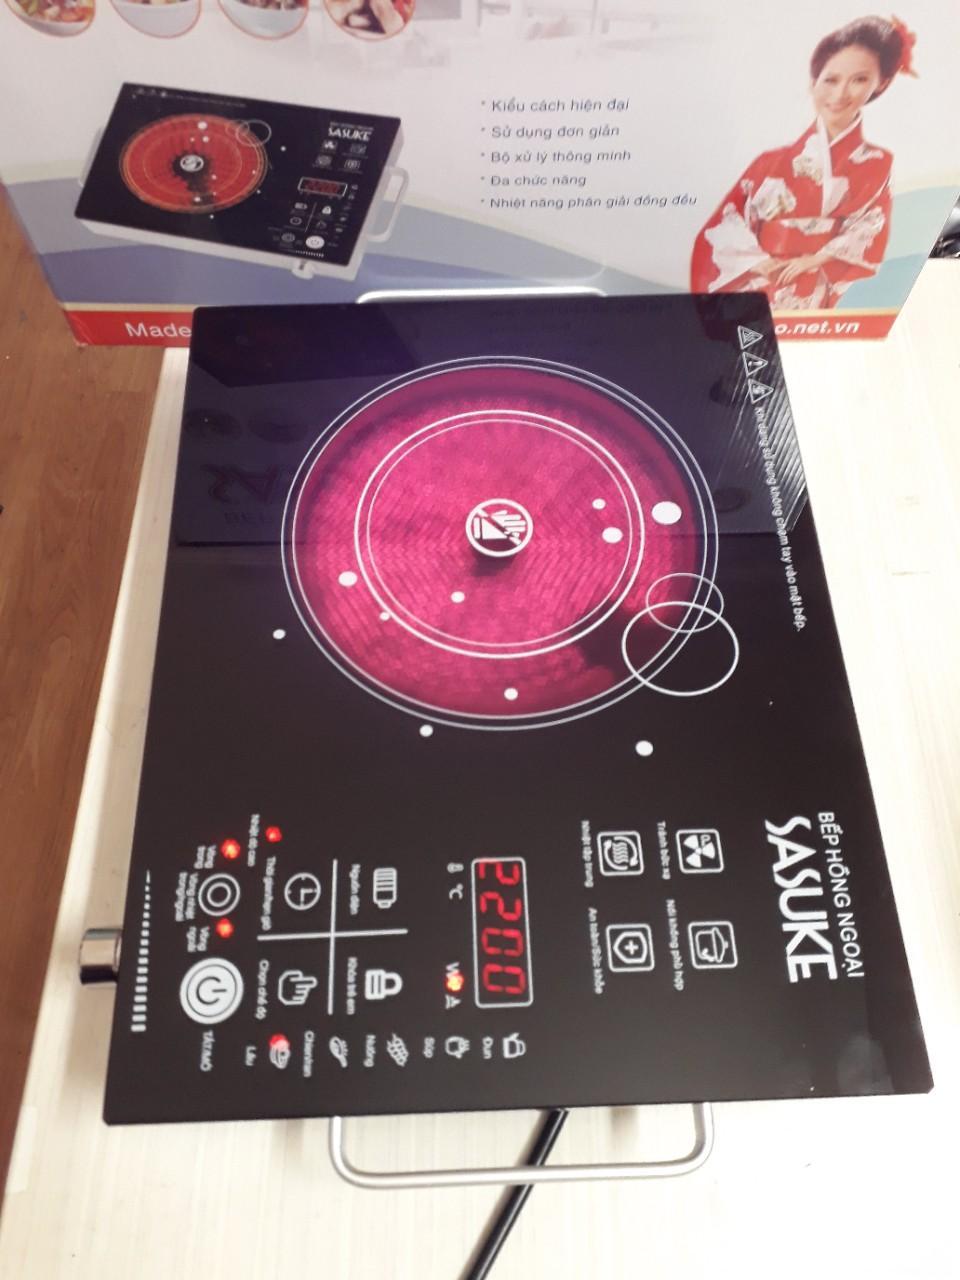 Hình ảnh BẾP HỒNG NGOẠI 2 VÒNG NHIỆT SASUKE MADE IN VIETNAM (Tiết kiệm 40% điện năng so với bếp hồng ngoại khác)-Chương trình siêu khuyến mại giảm giá cực sốc